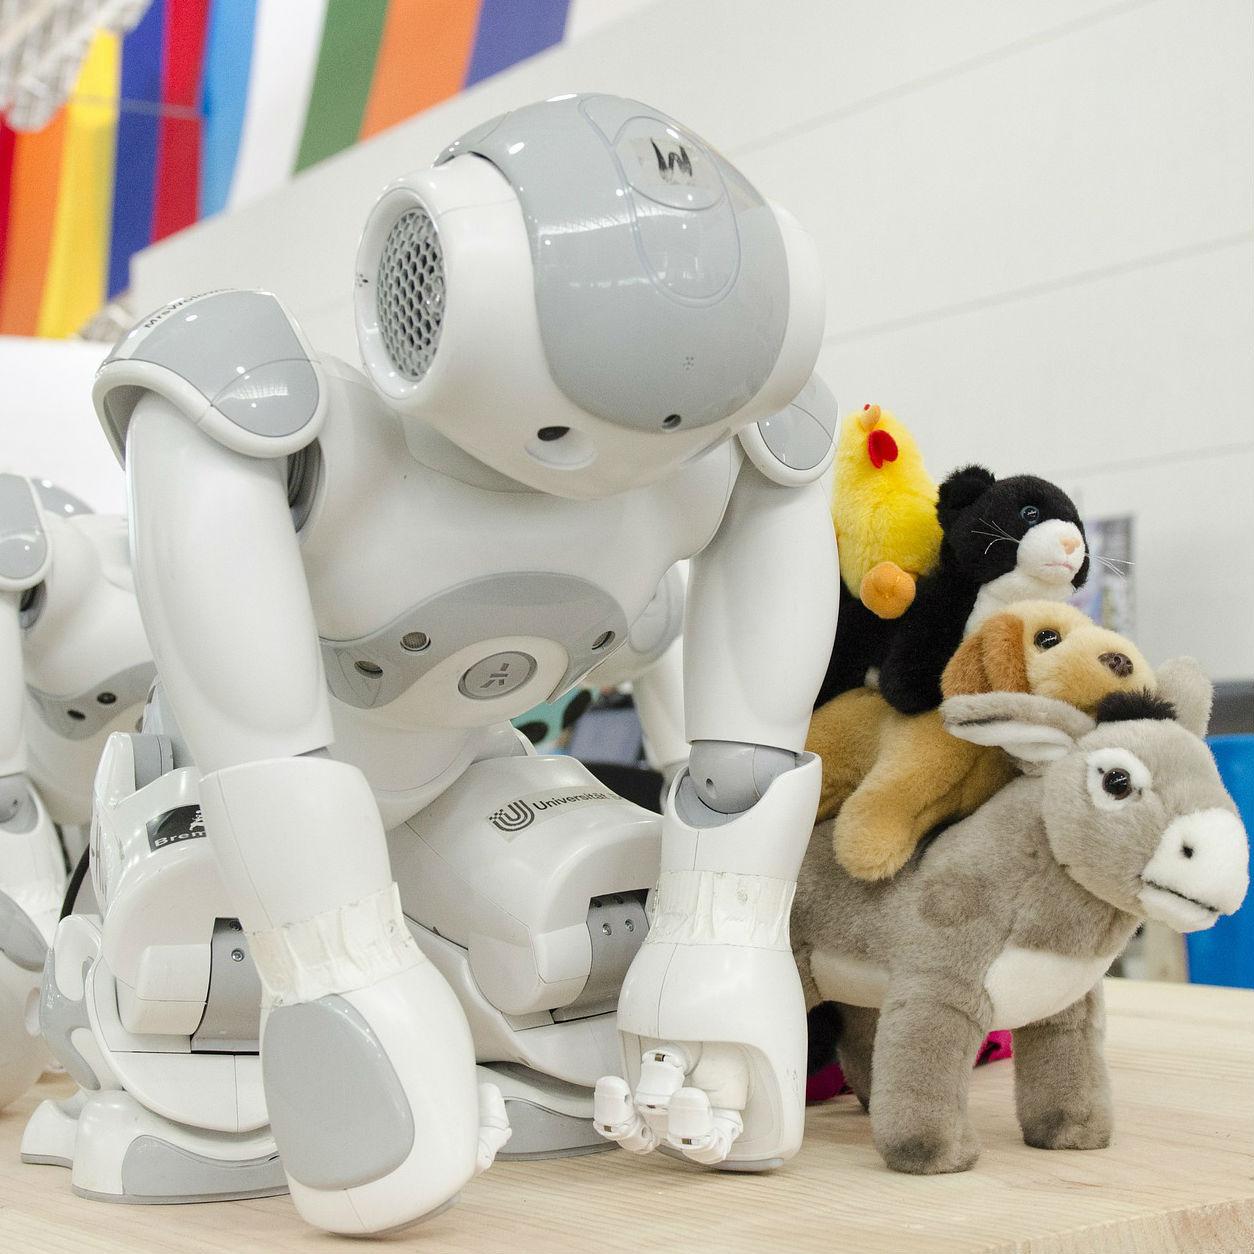 ロボット革命が起こるまでの、6つのステップ